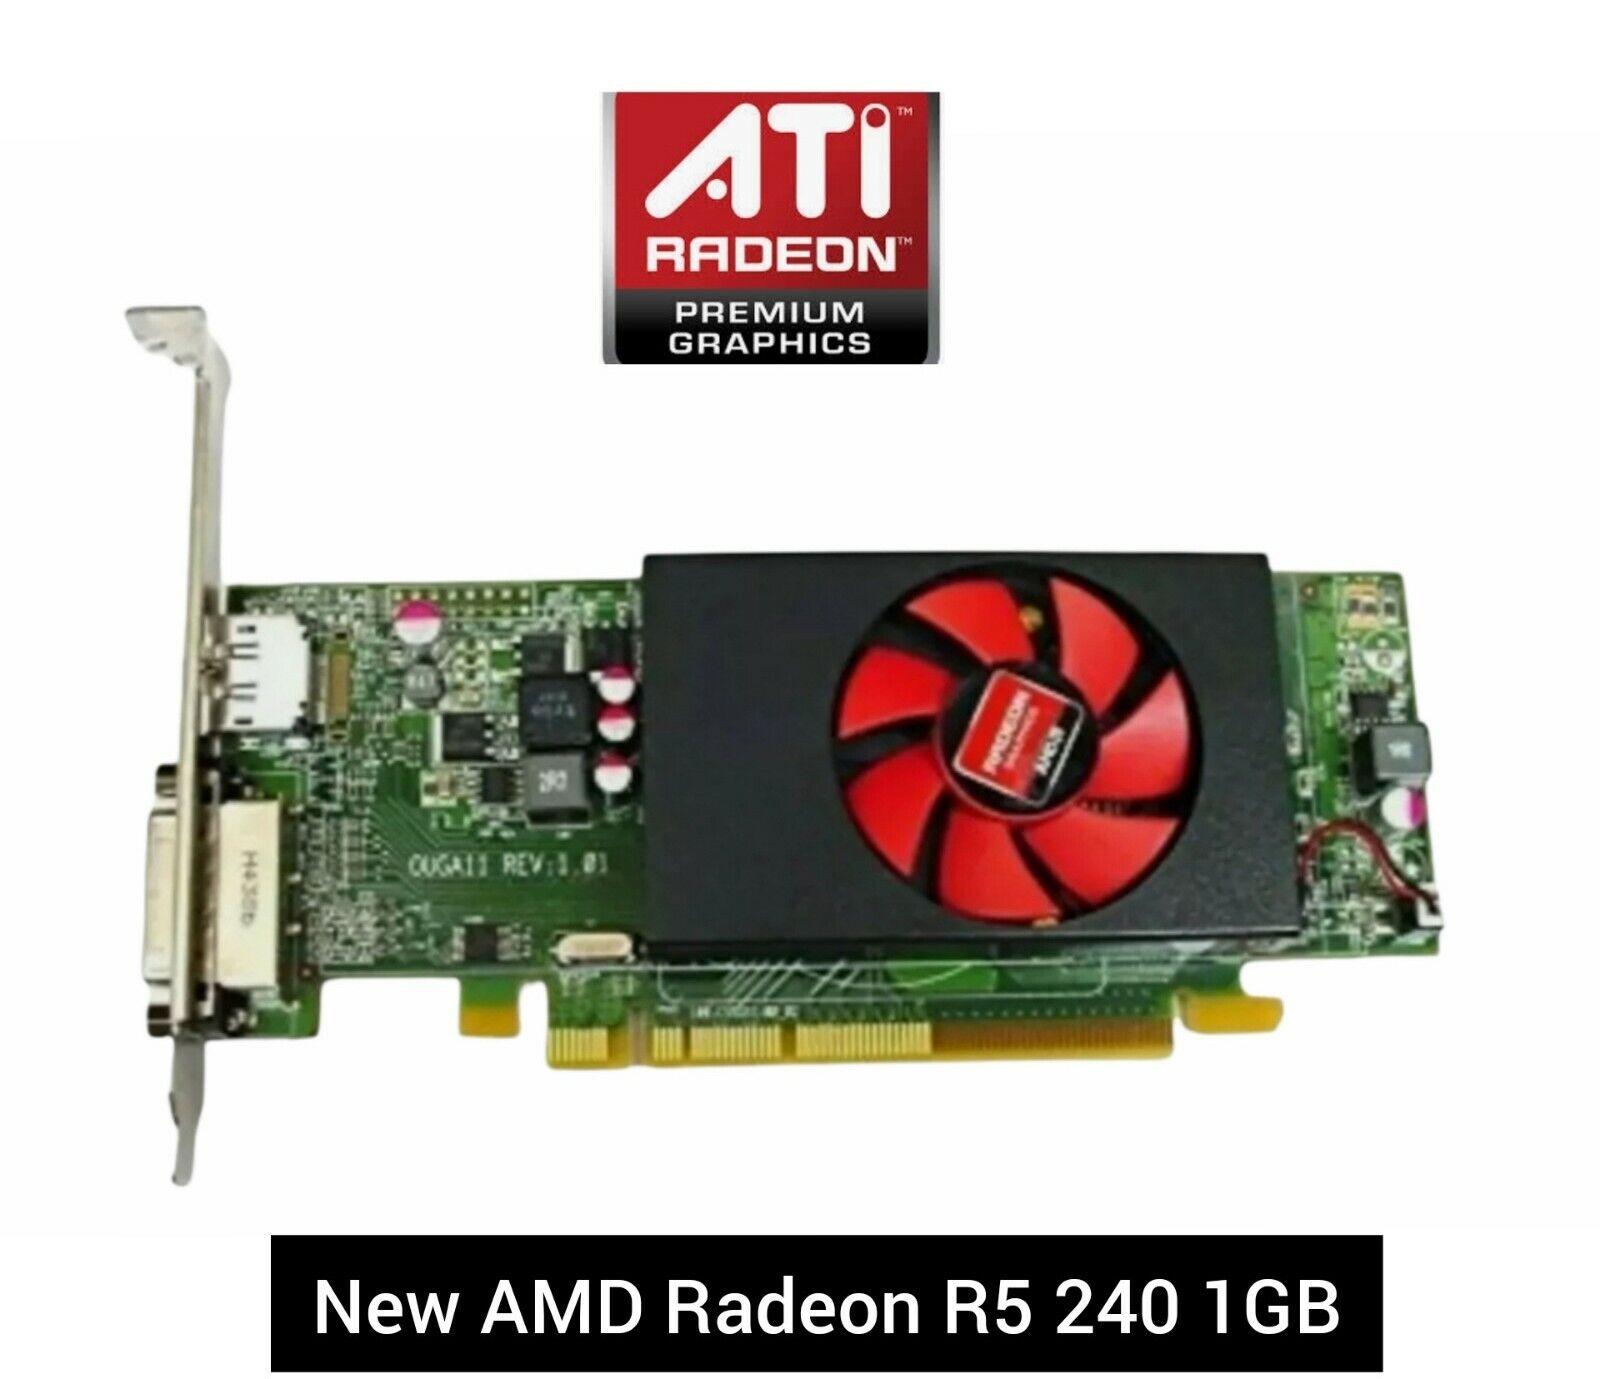 Dell ATI AMD Radeon R5 240 PCI-E Graphics Card 1Gb , DVI & DisplayPort P/N 7W12P